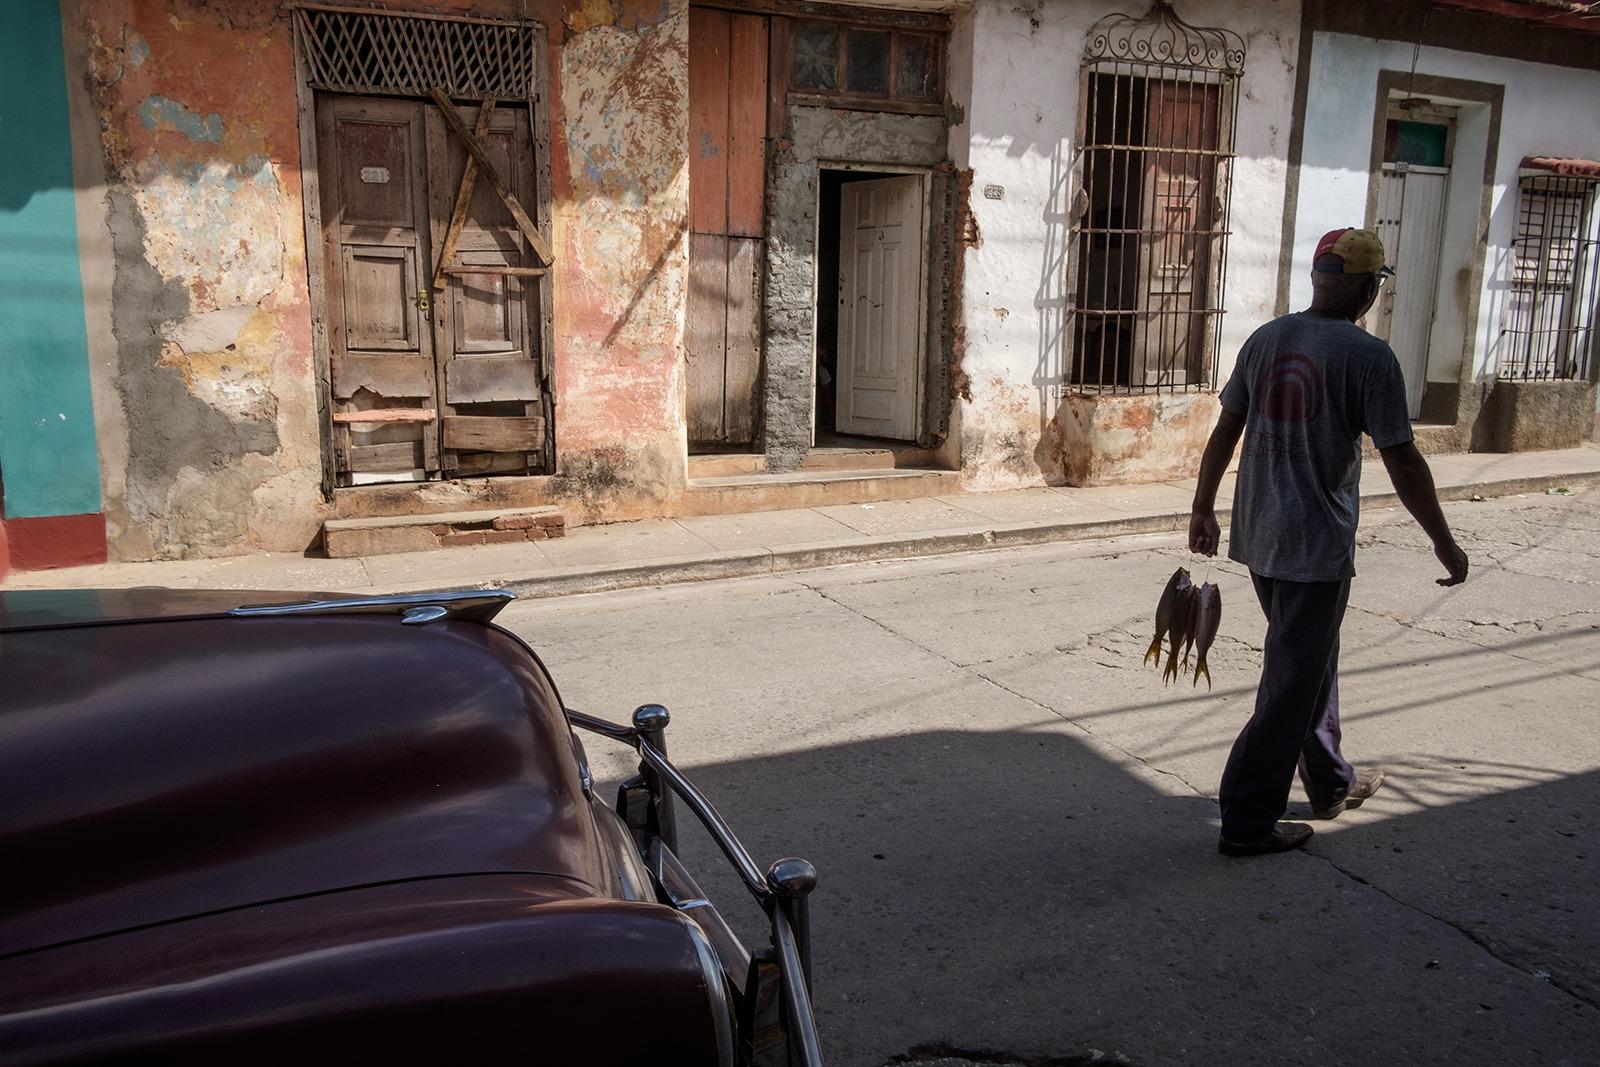 Trnindad Cuba